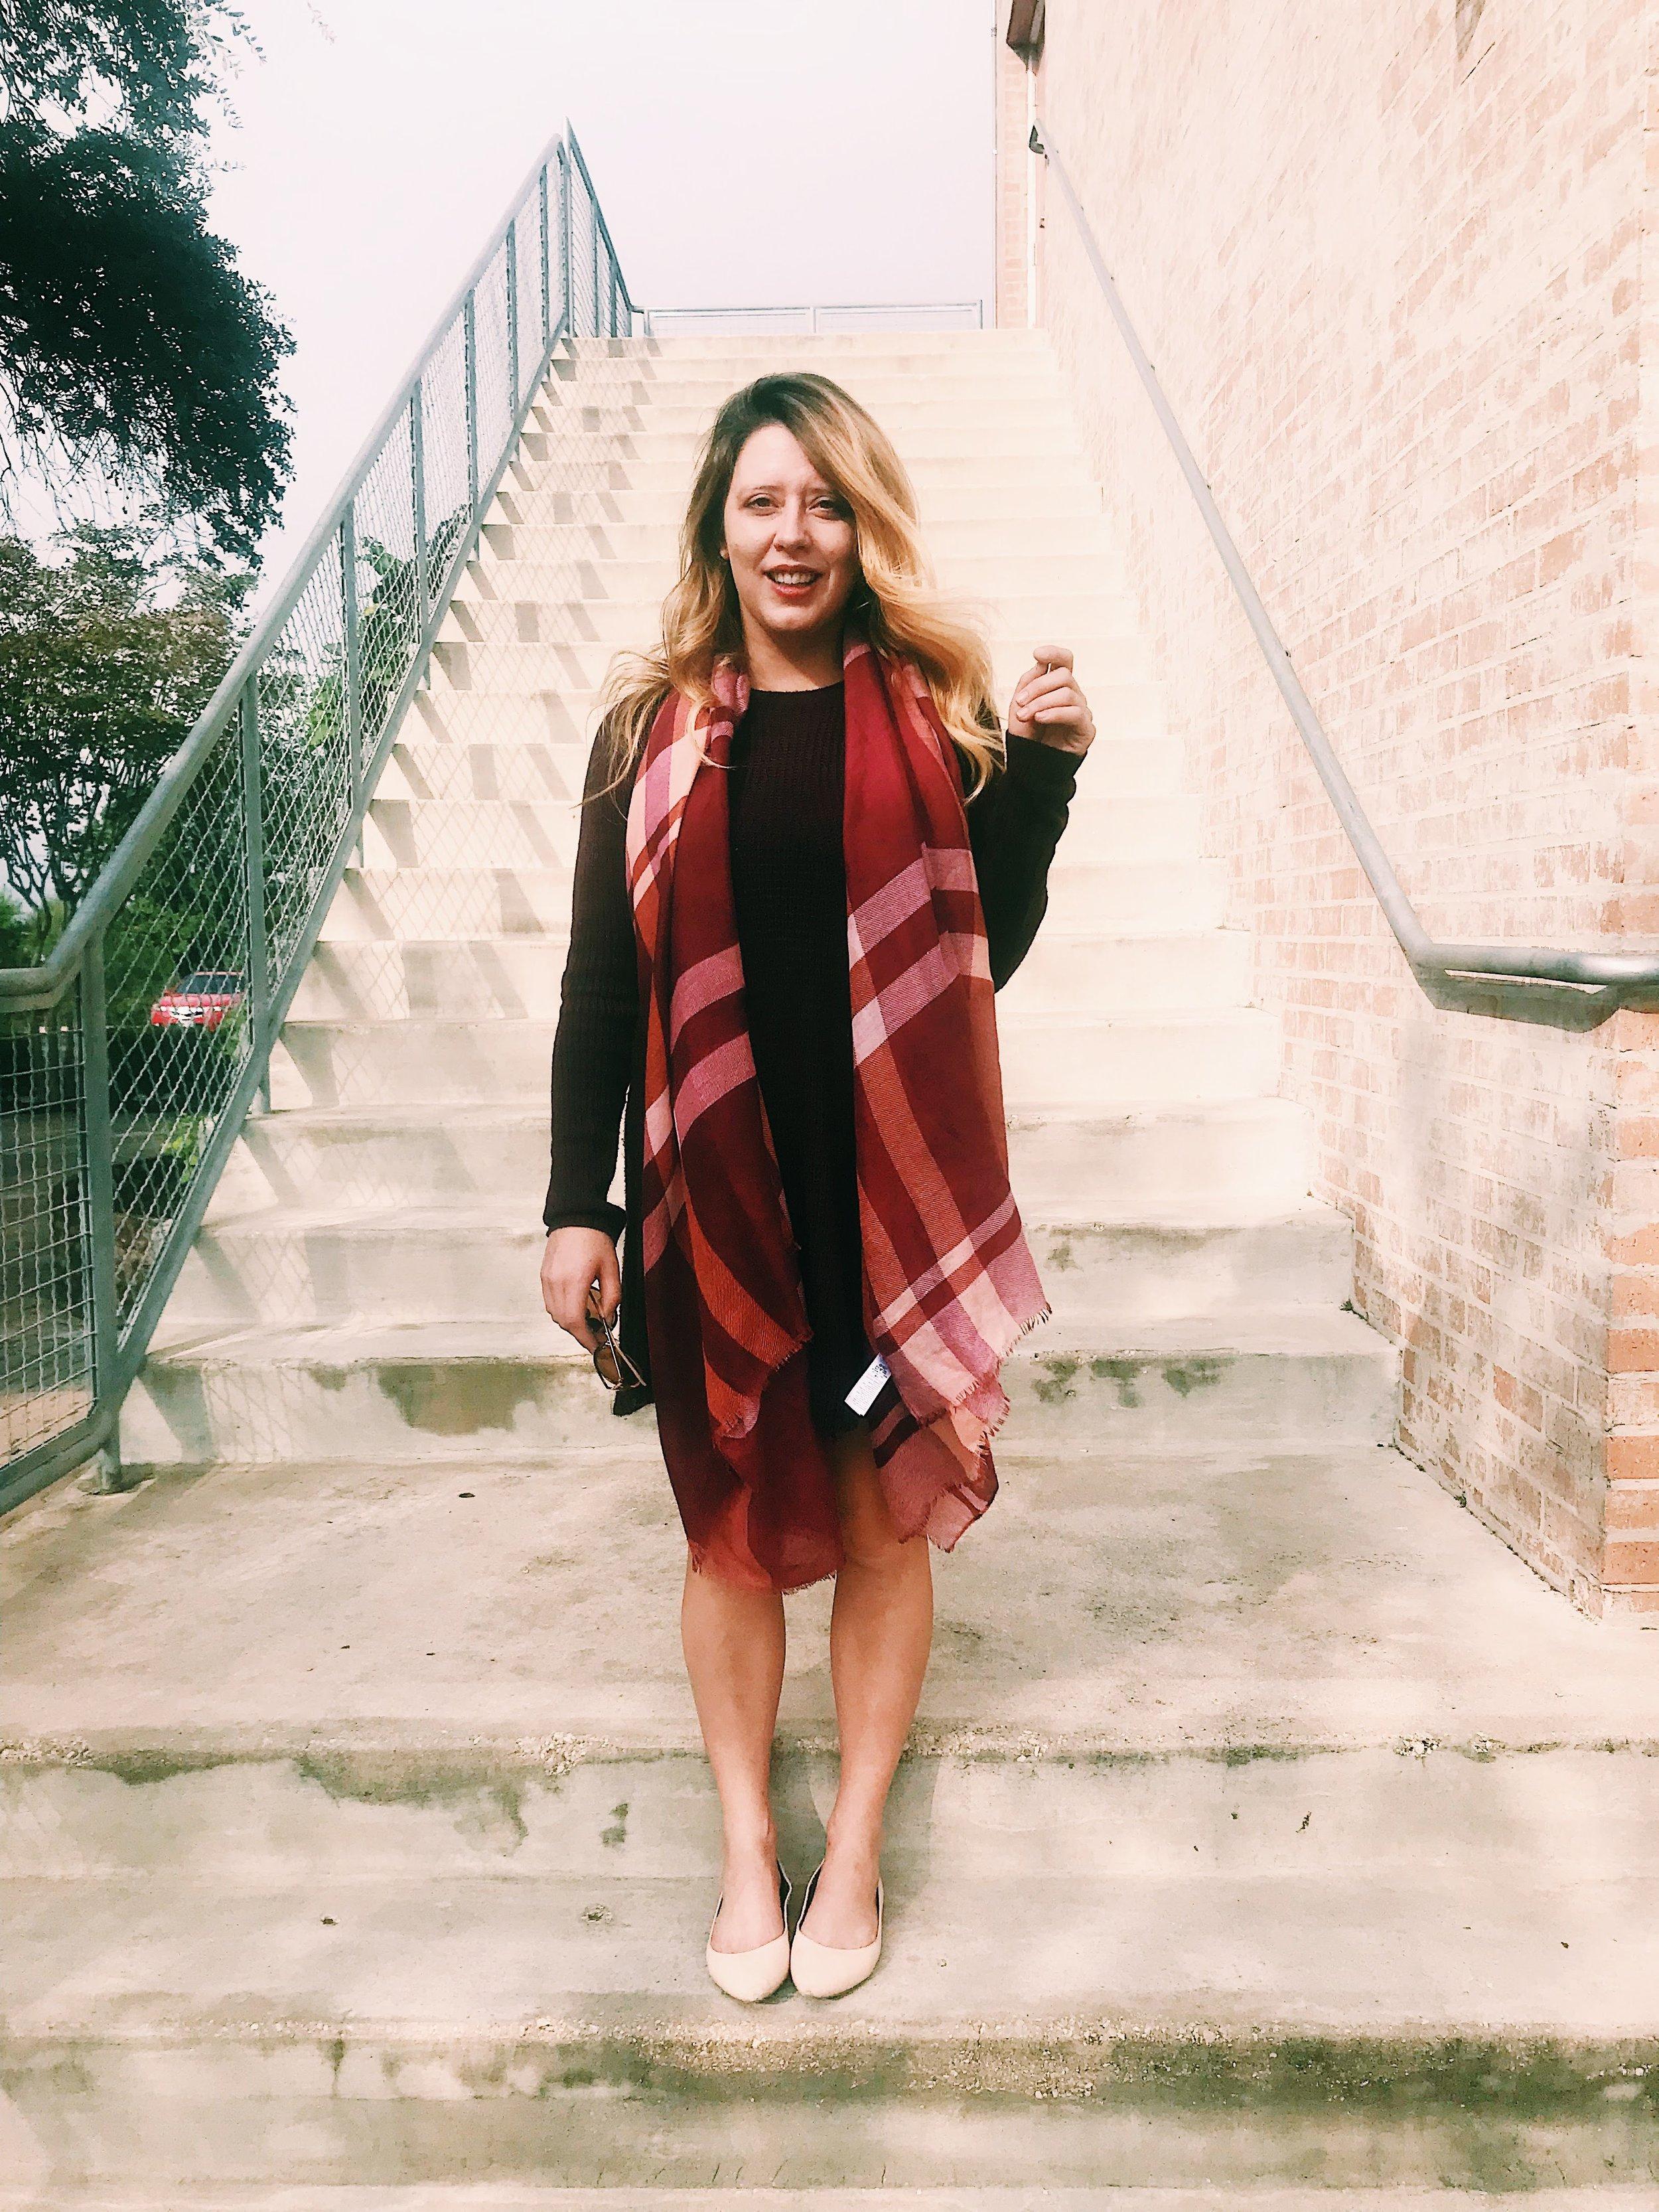 Three Heel Clicks - Sweater Dress (9).jpg